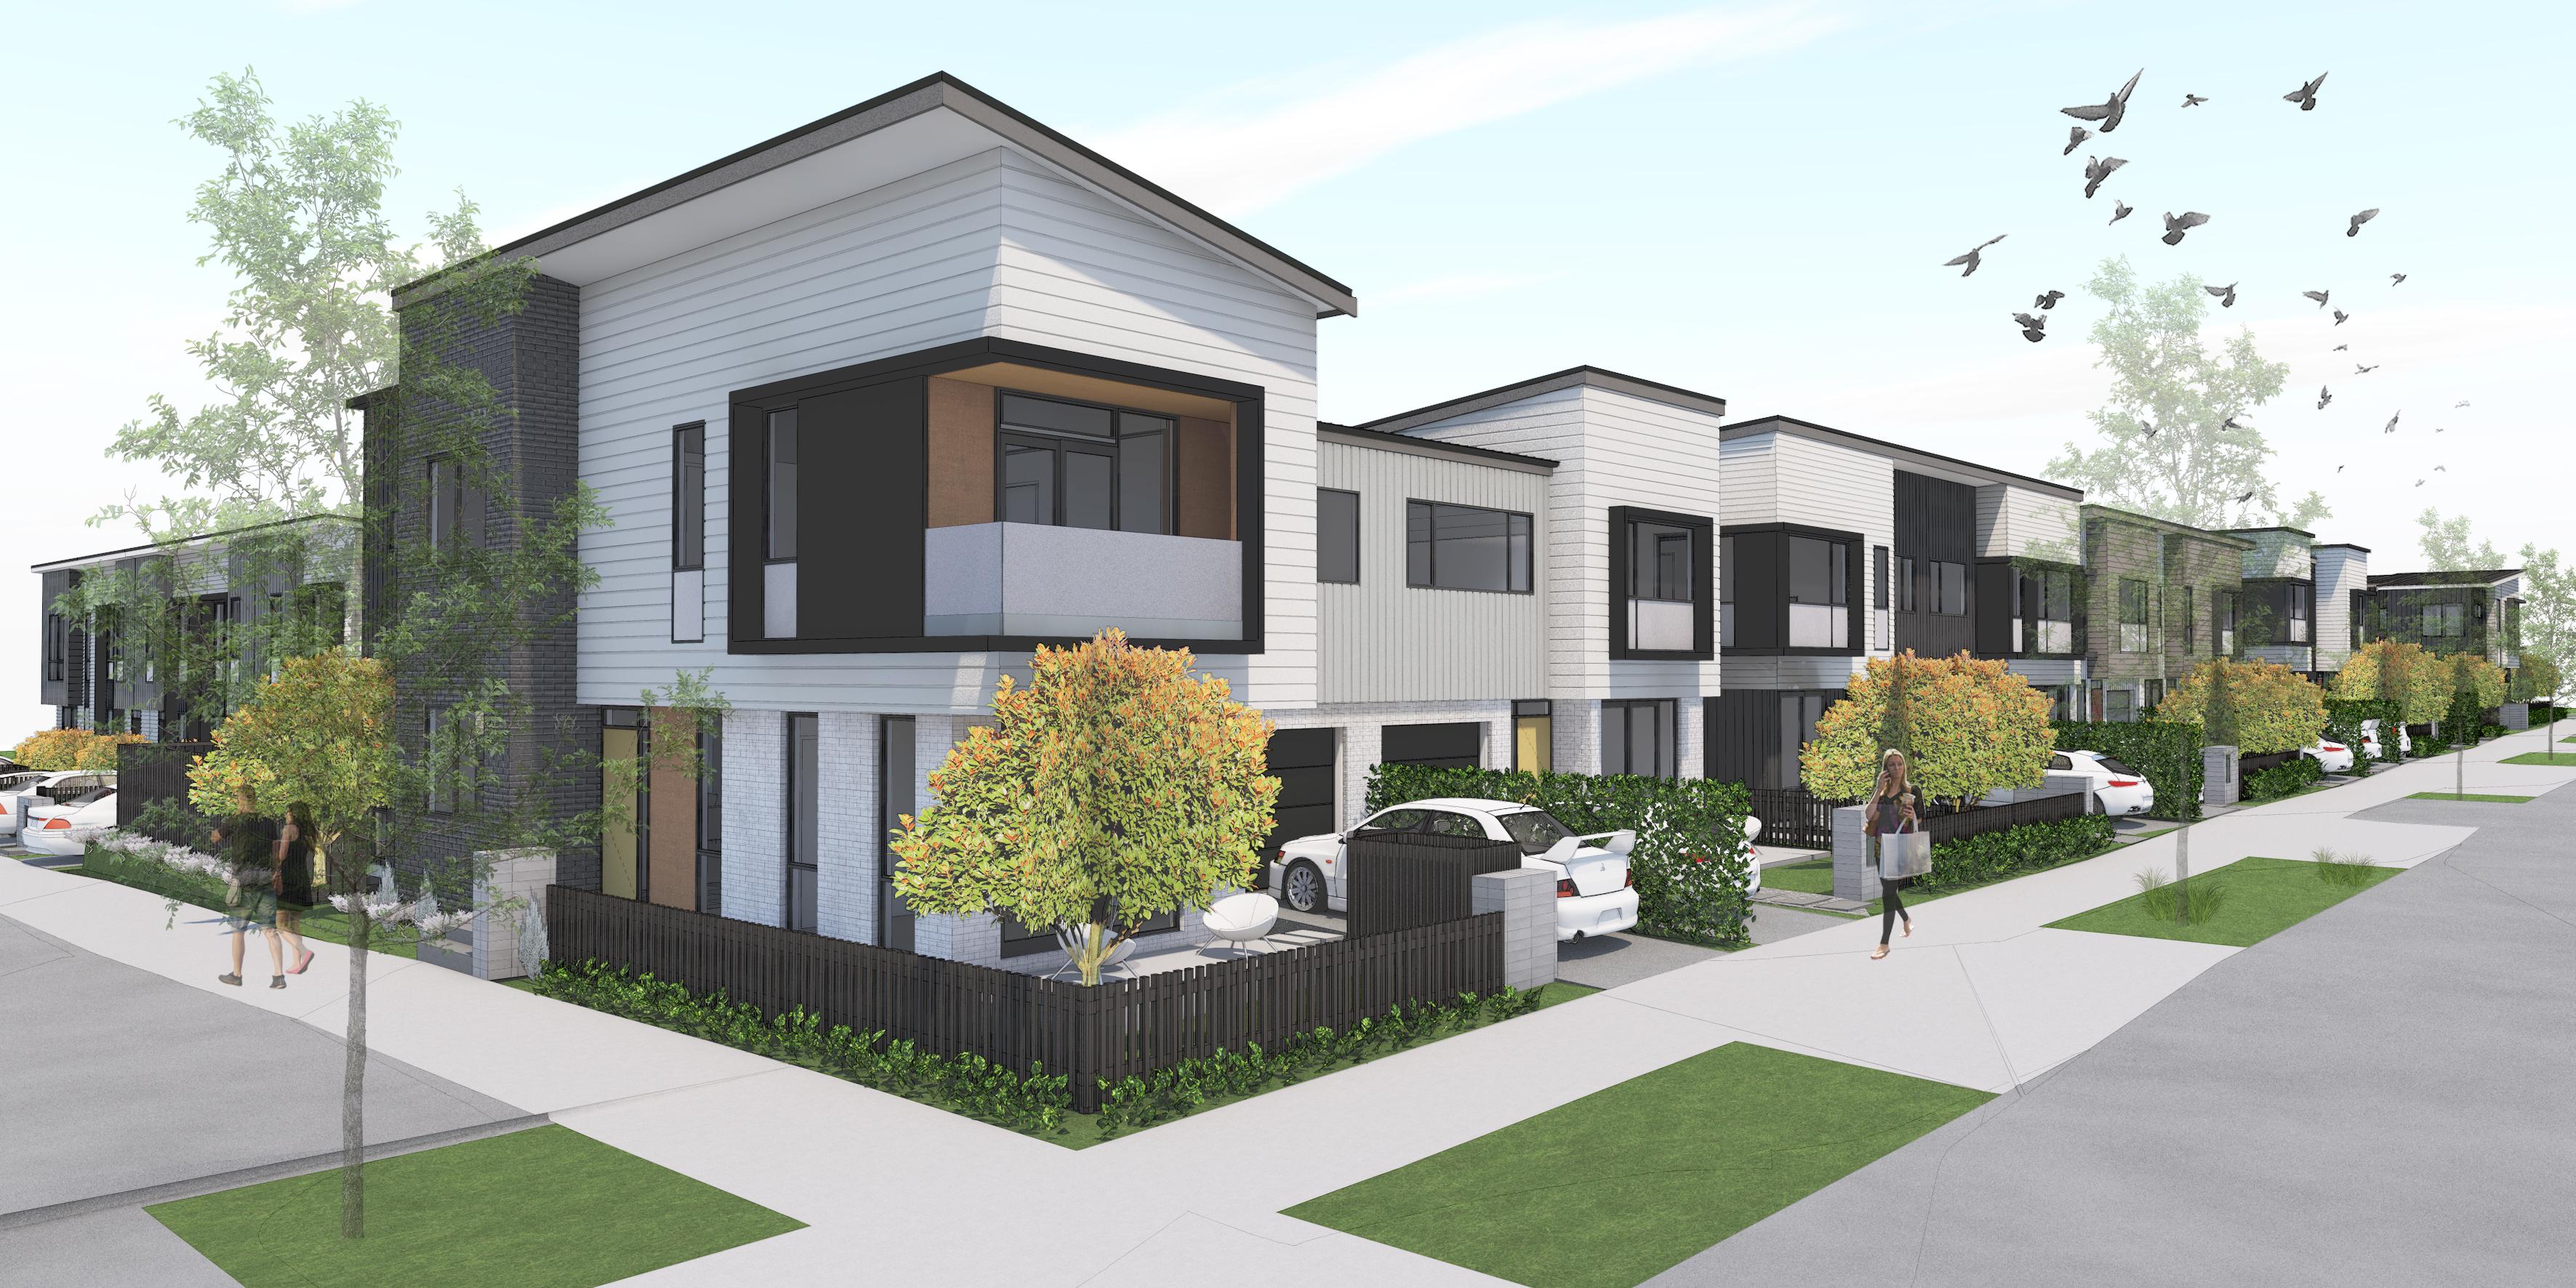 Hobsonville BB04 Residential Development